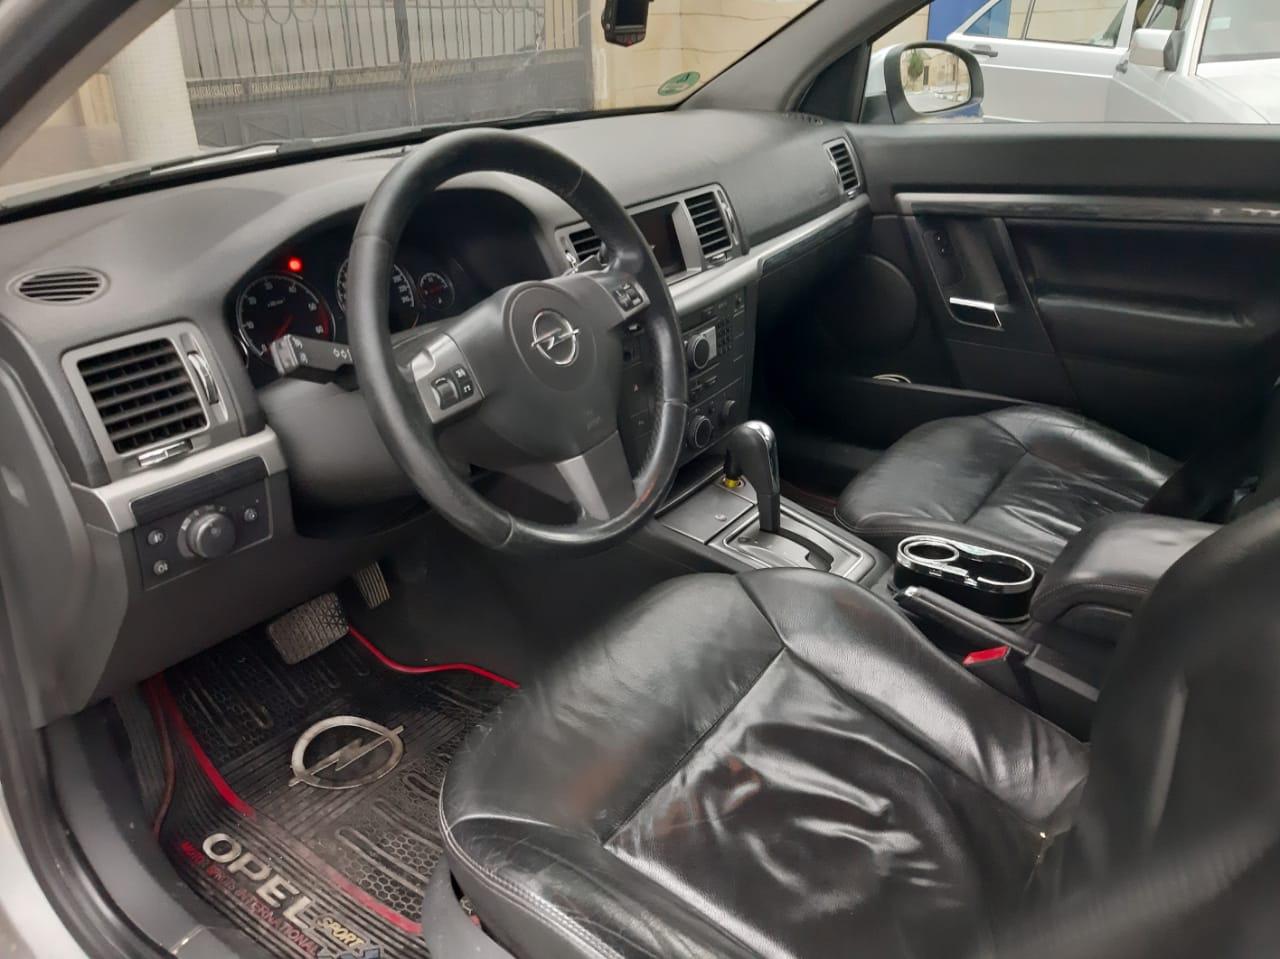 Opel Signum 1.9(lt) 2006 İkinci əl  $11500